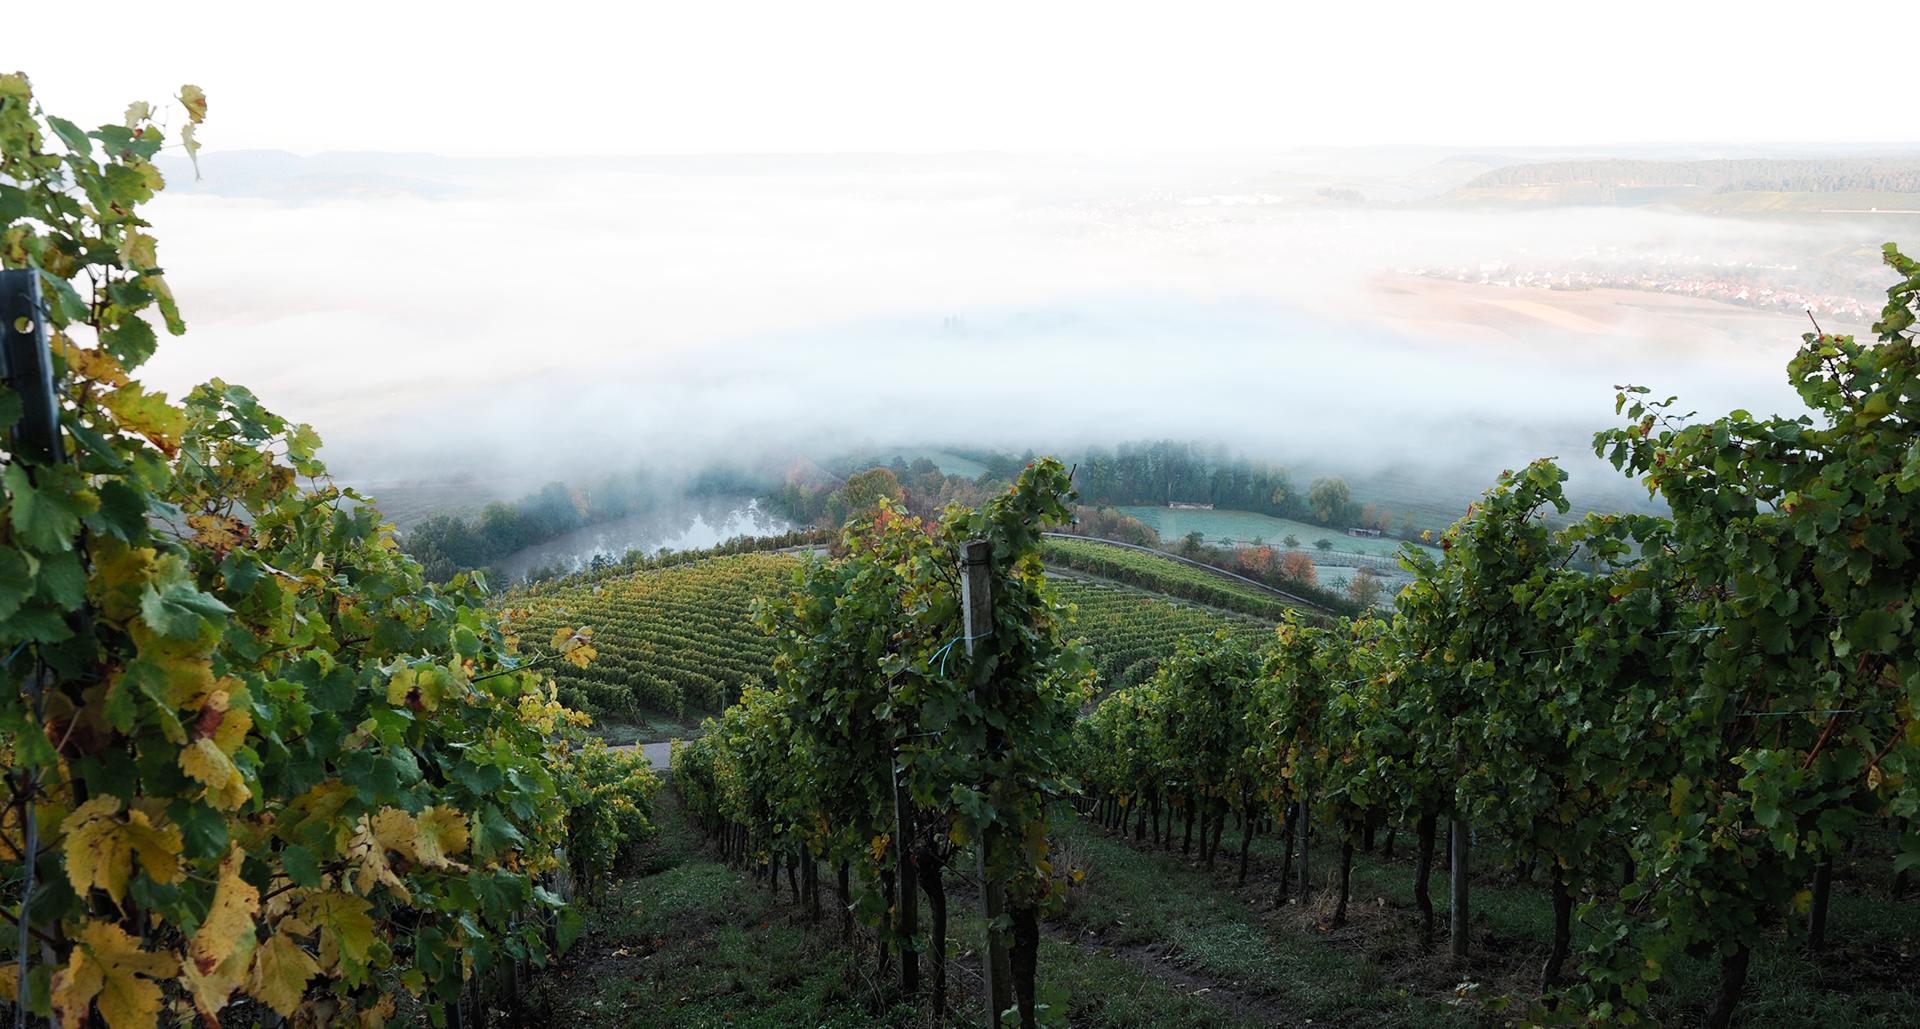 Blick ins Weinsberger Tal. Foto ©Martin Schmidt Photography